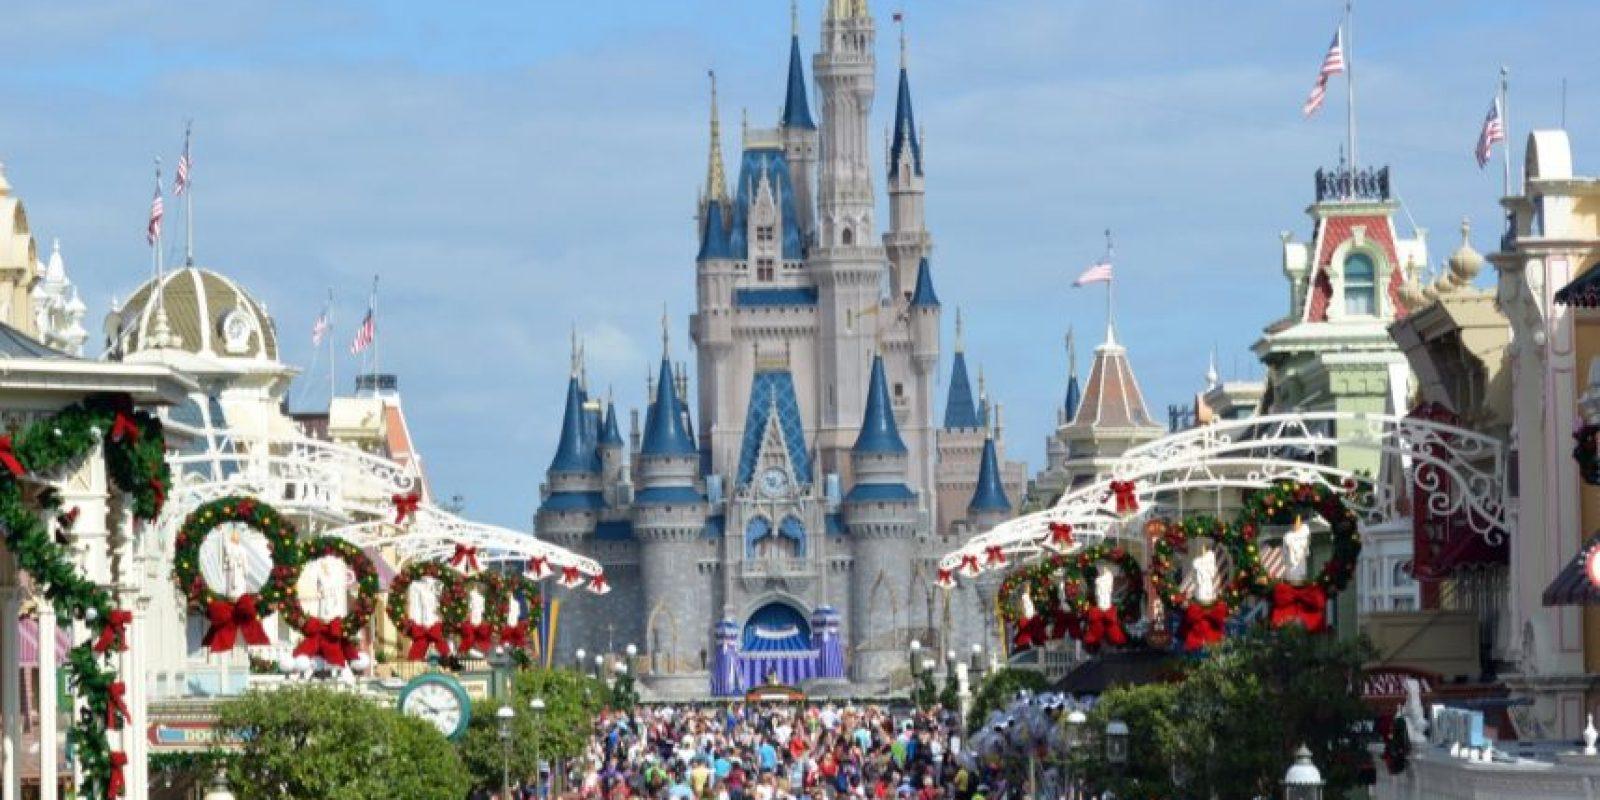 Un paraíso mágico. Casi todo el mundo ha soñado alguna vez con ir a Disney. Este es uno de los lugares más fantásticos que se disfrutan mucho en familia, y poder sentir la magia de la Navidad aquí es hermoso. Holidays Happen Here es uno de los nuevos entretenimientos con los que Hollywood Studio contará, donde se podrá disfrutar de los personajes de Disney cantando canciones navideñas, según nos cuenta Theresa Sullivan. Foto:Fuente Externa